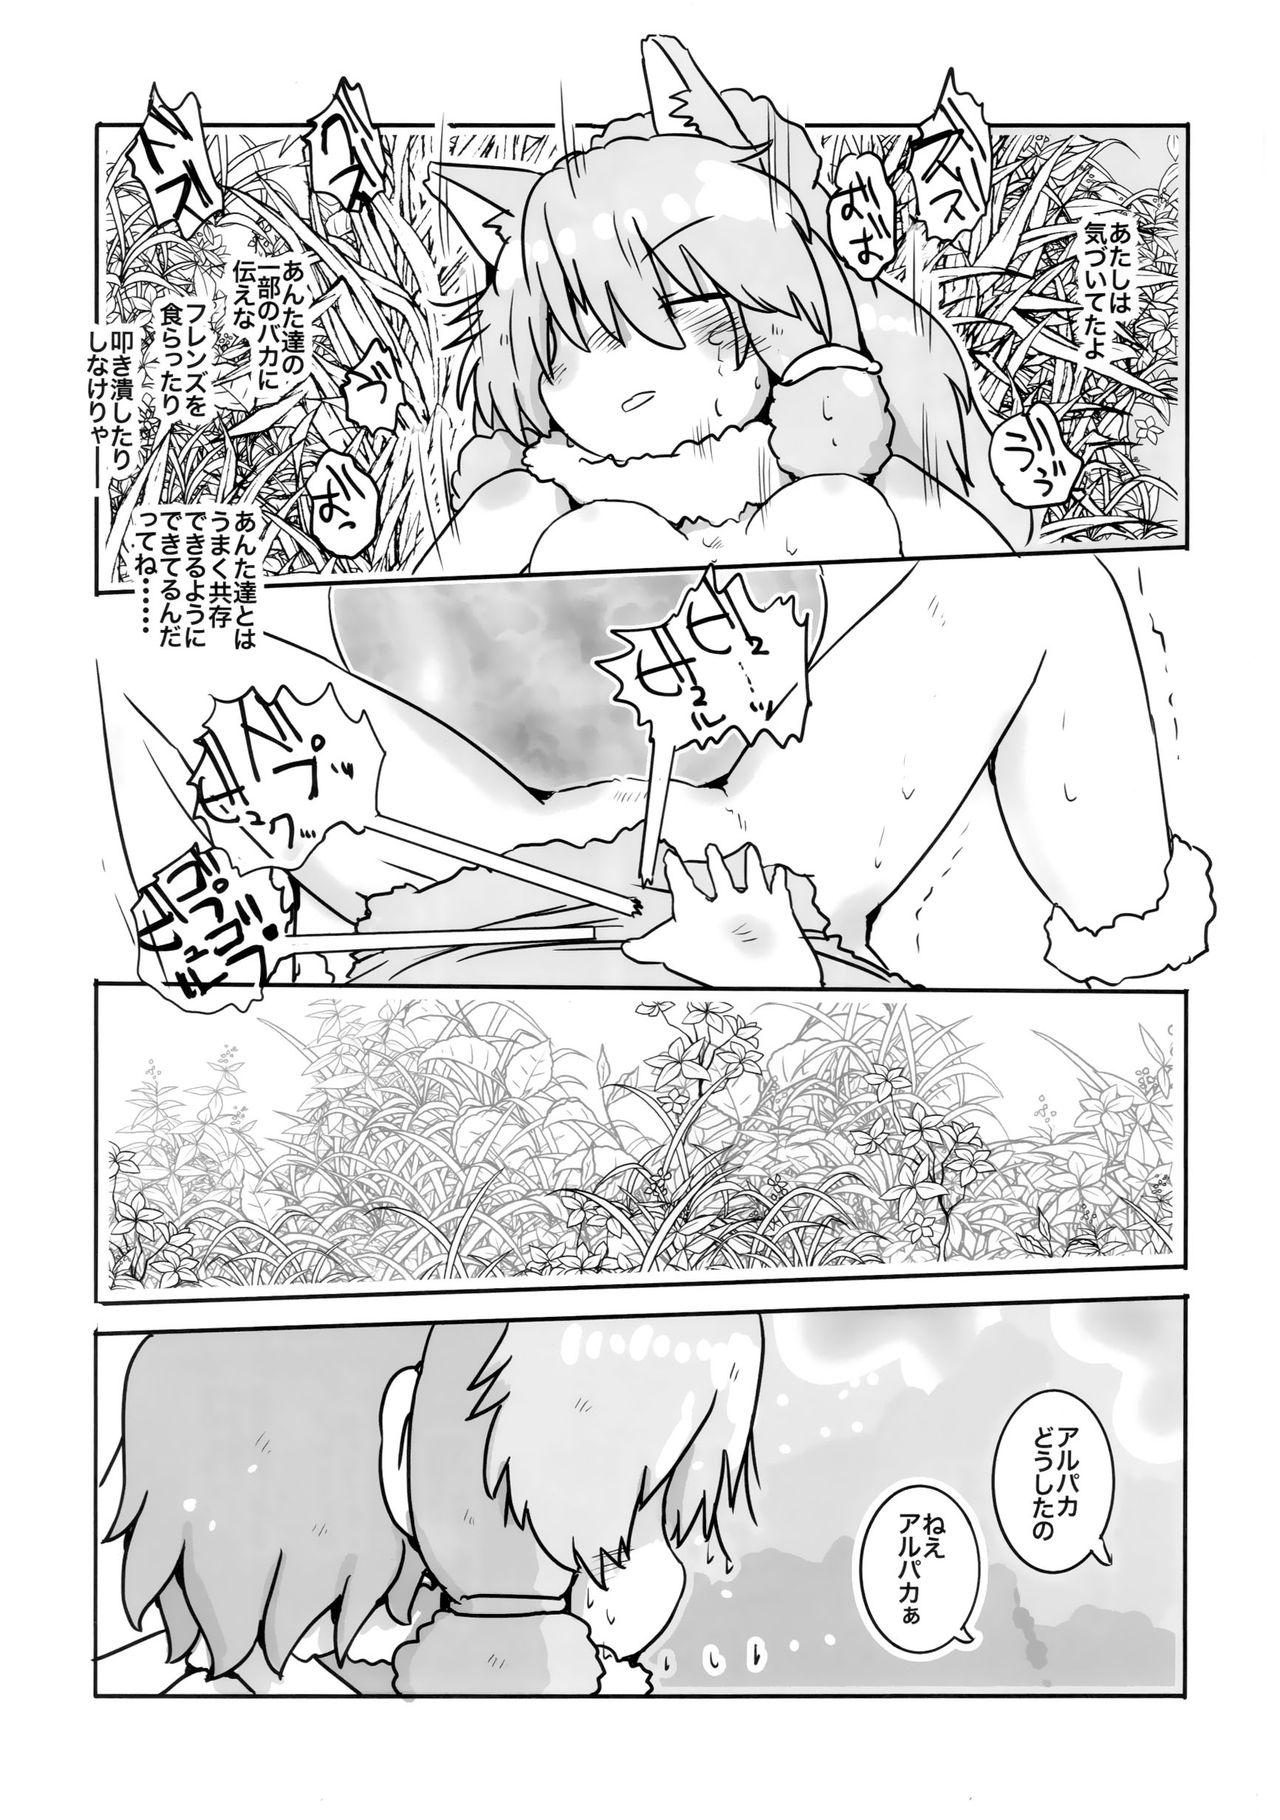 Boku, Koko de Zutto Kimi to Itai. 25